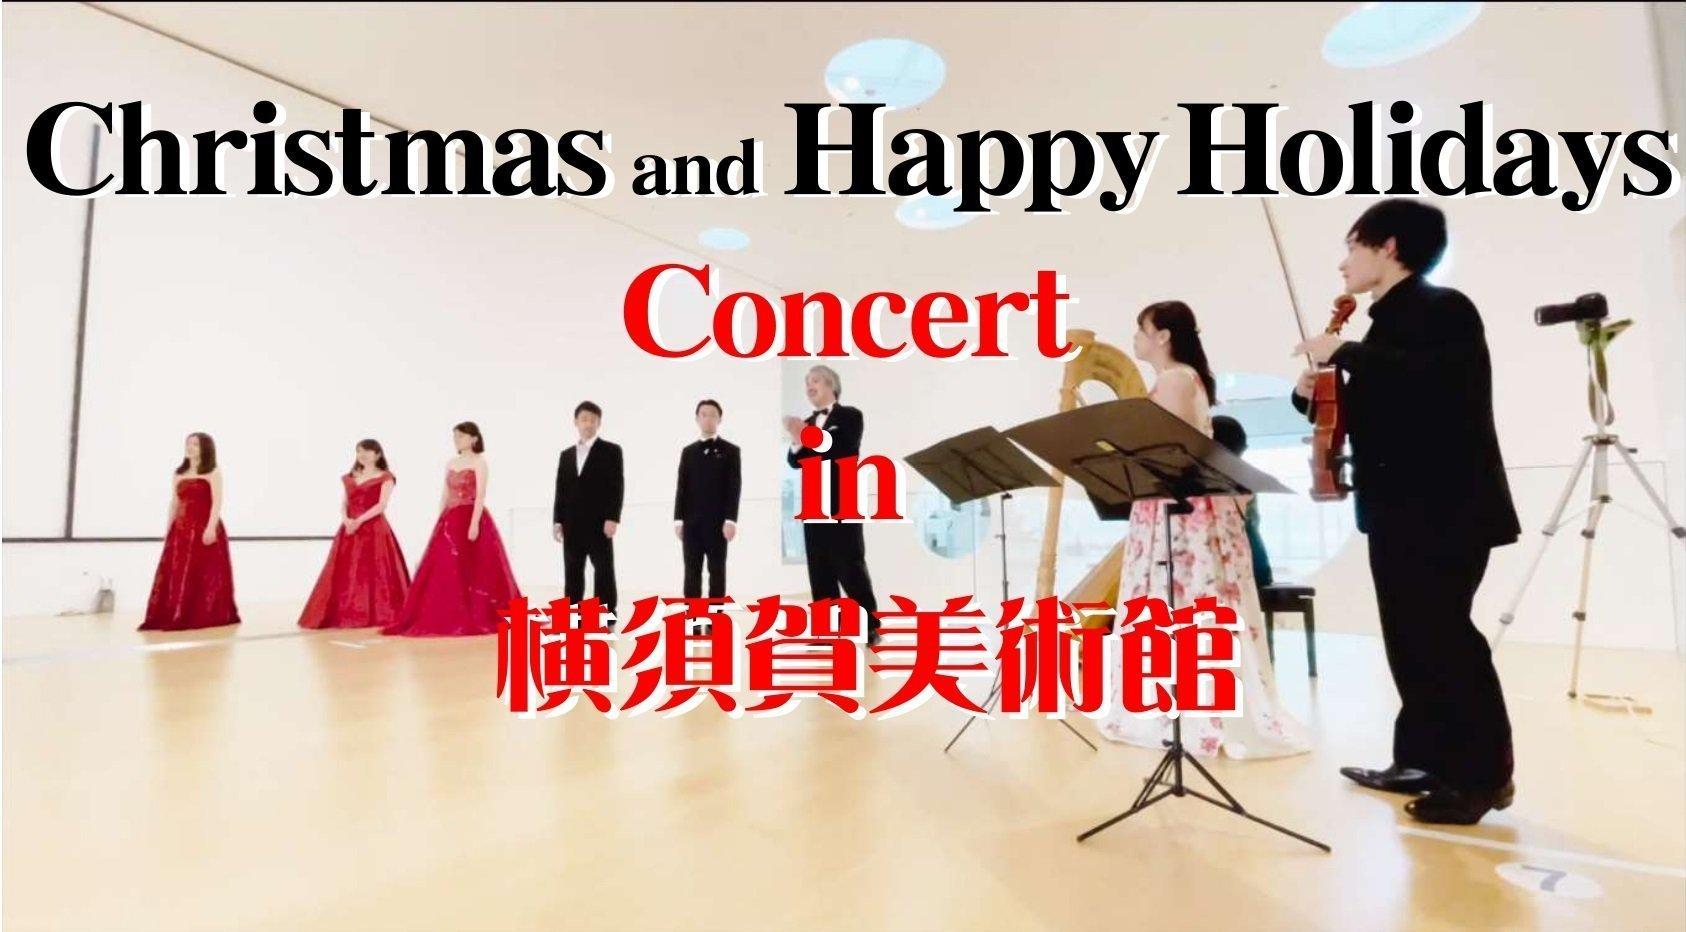 クリスマス アンド ハッピーホリデー コンサート in 横須賀美術館